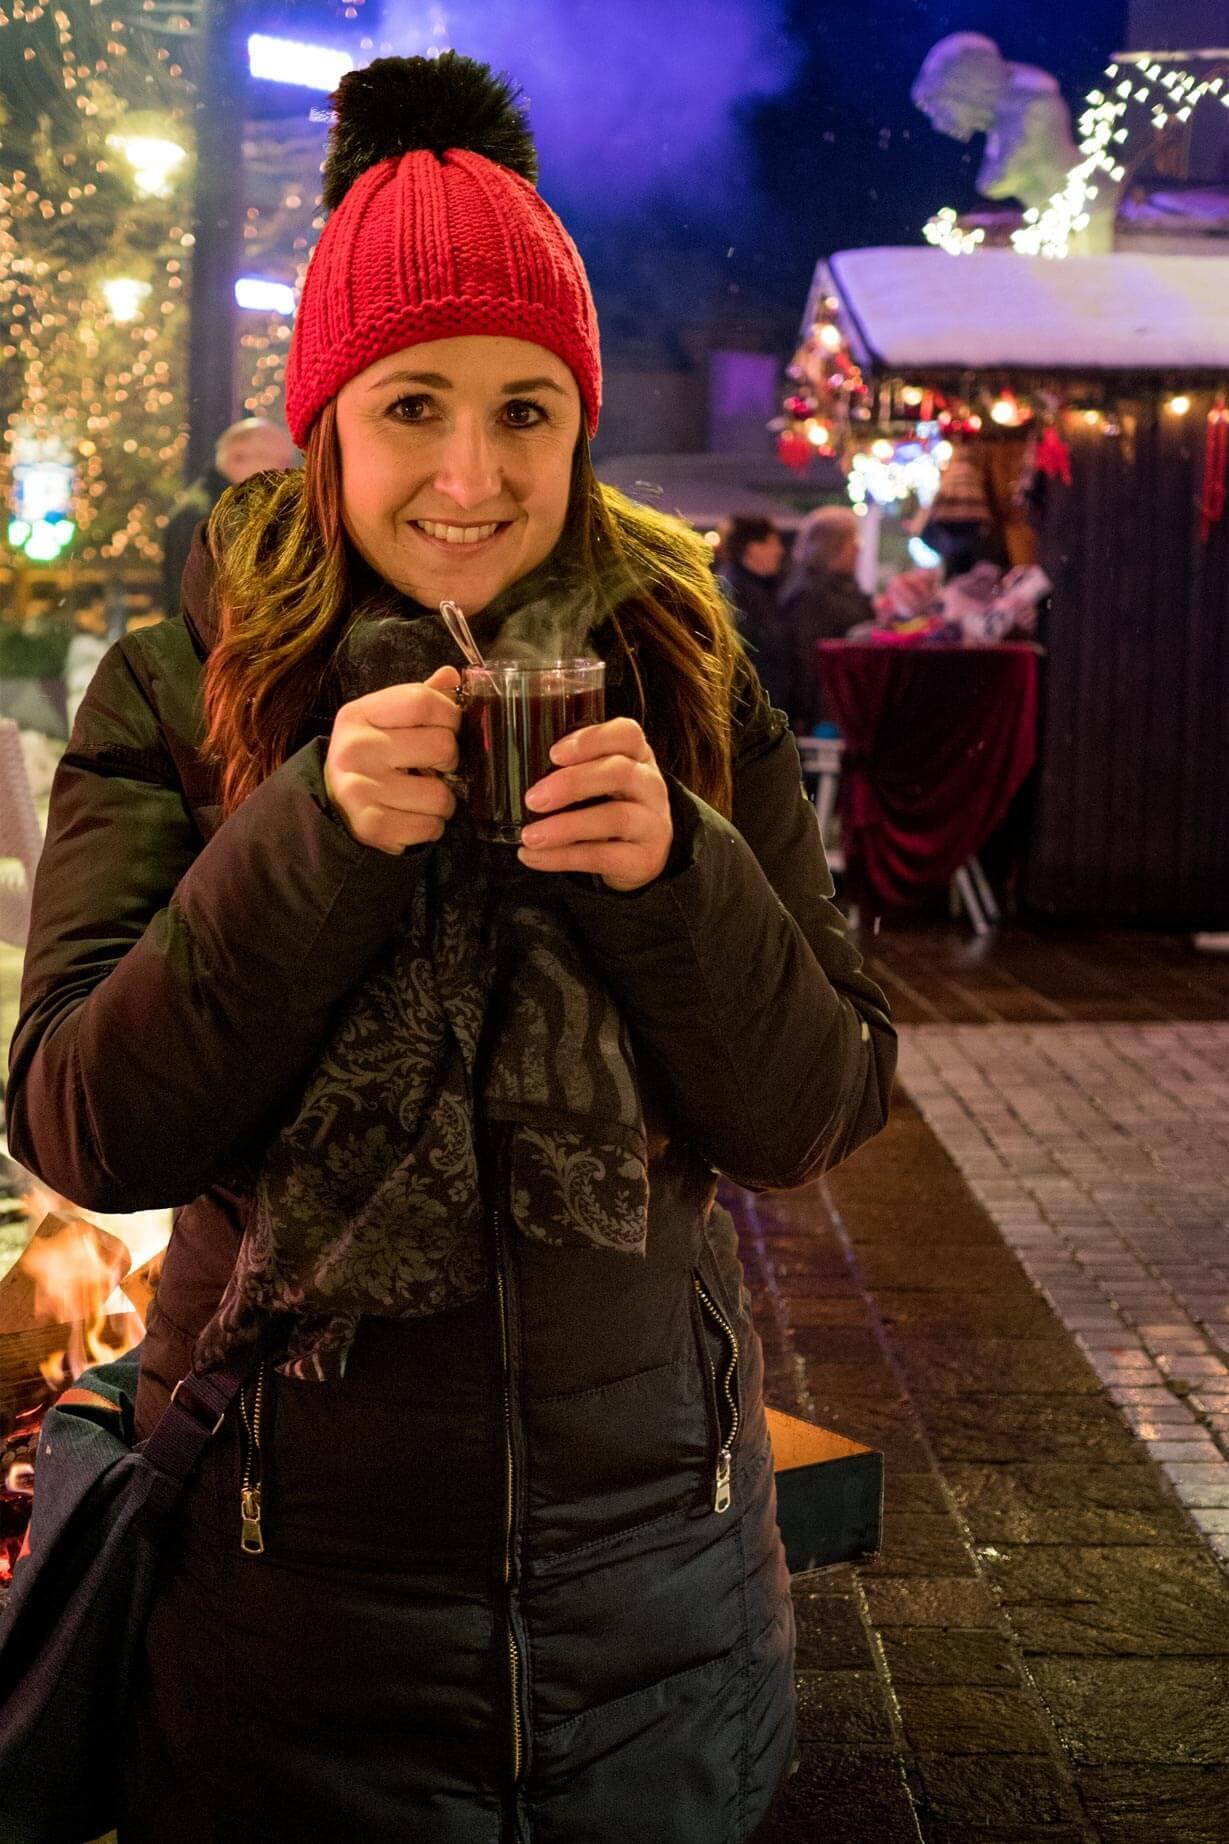 Besuch am Weihnachtsmarkt in Velden